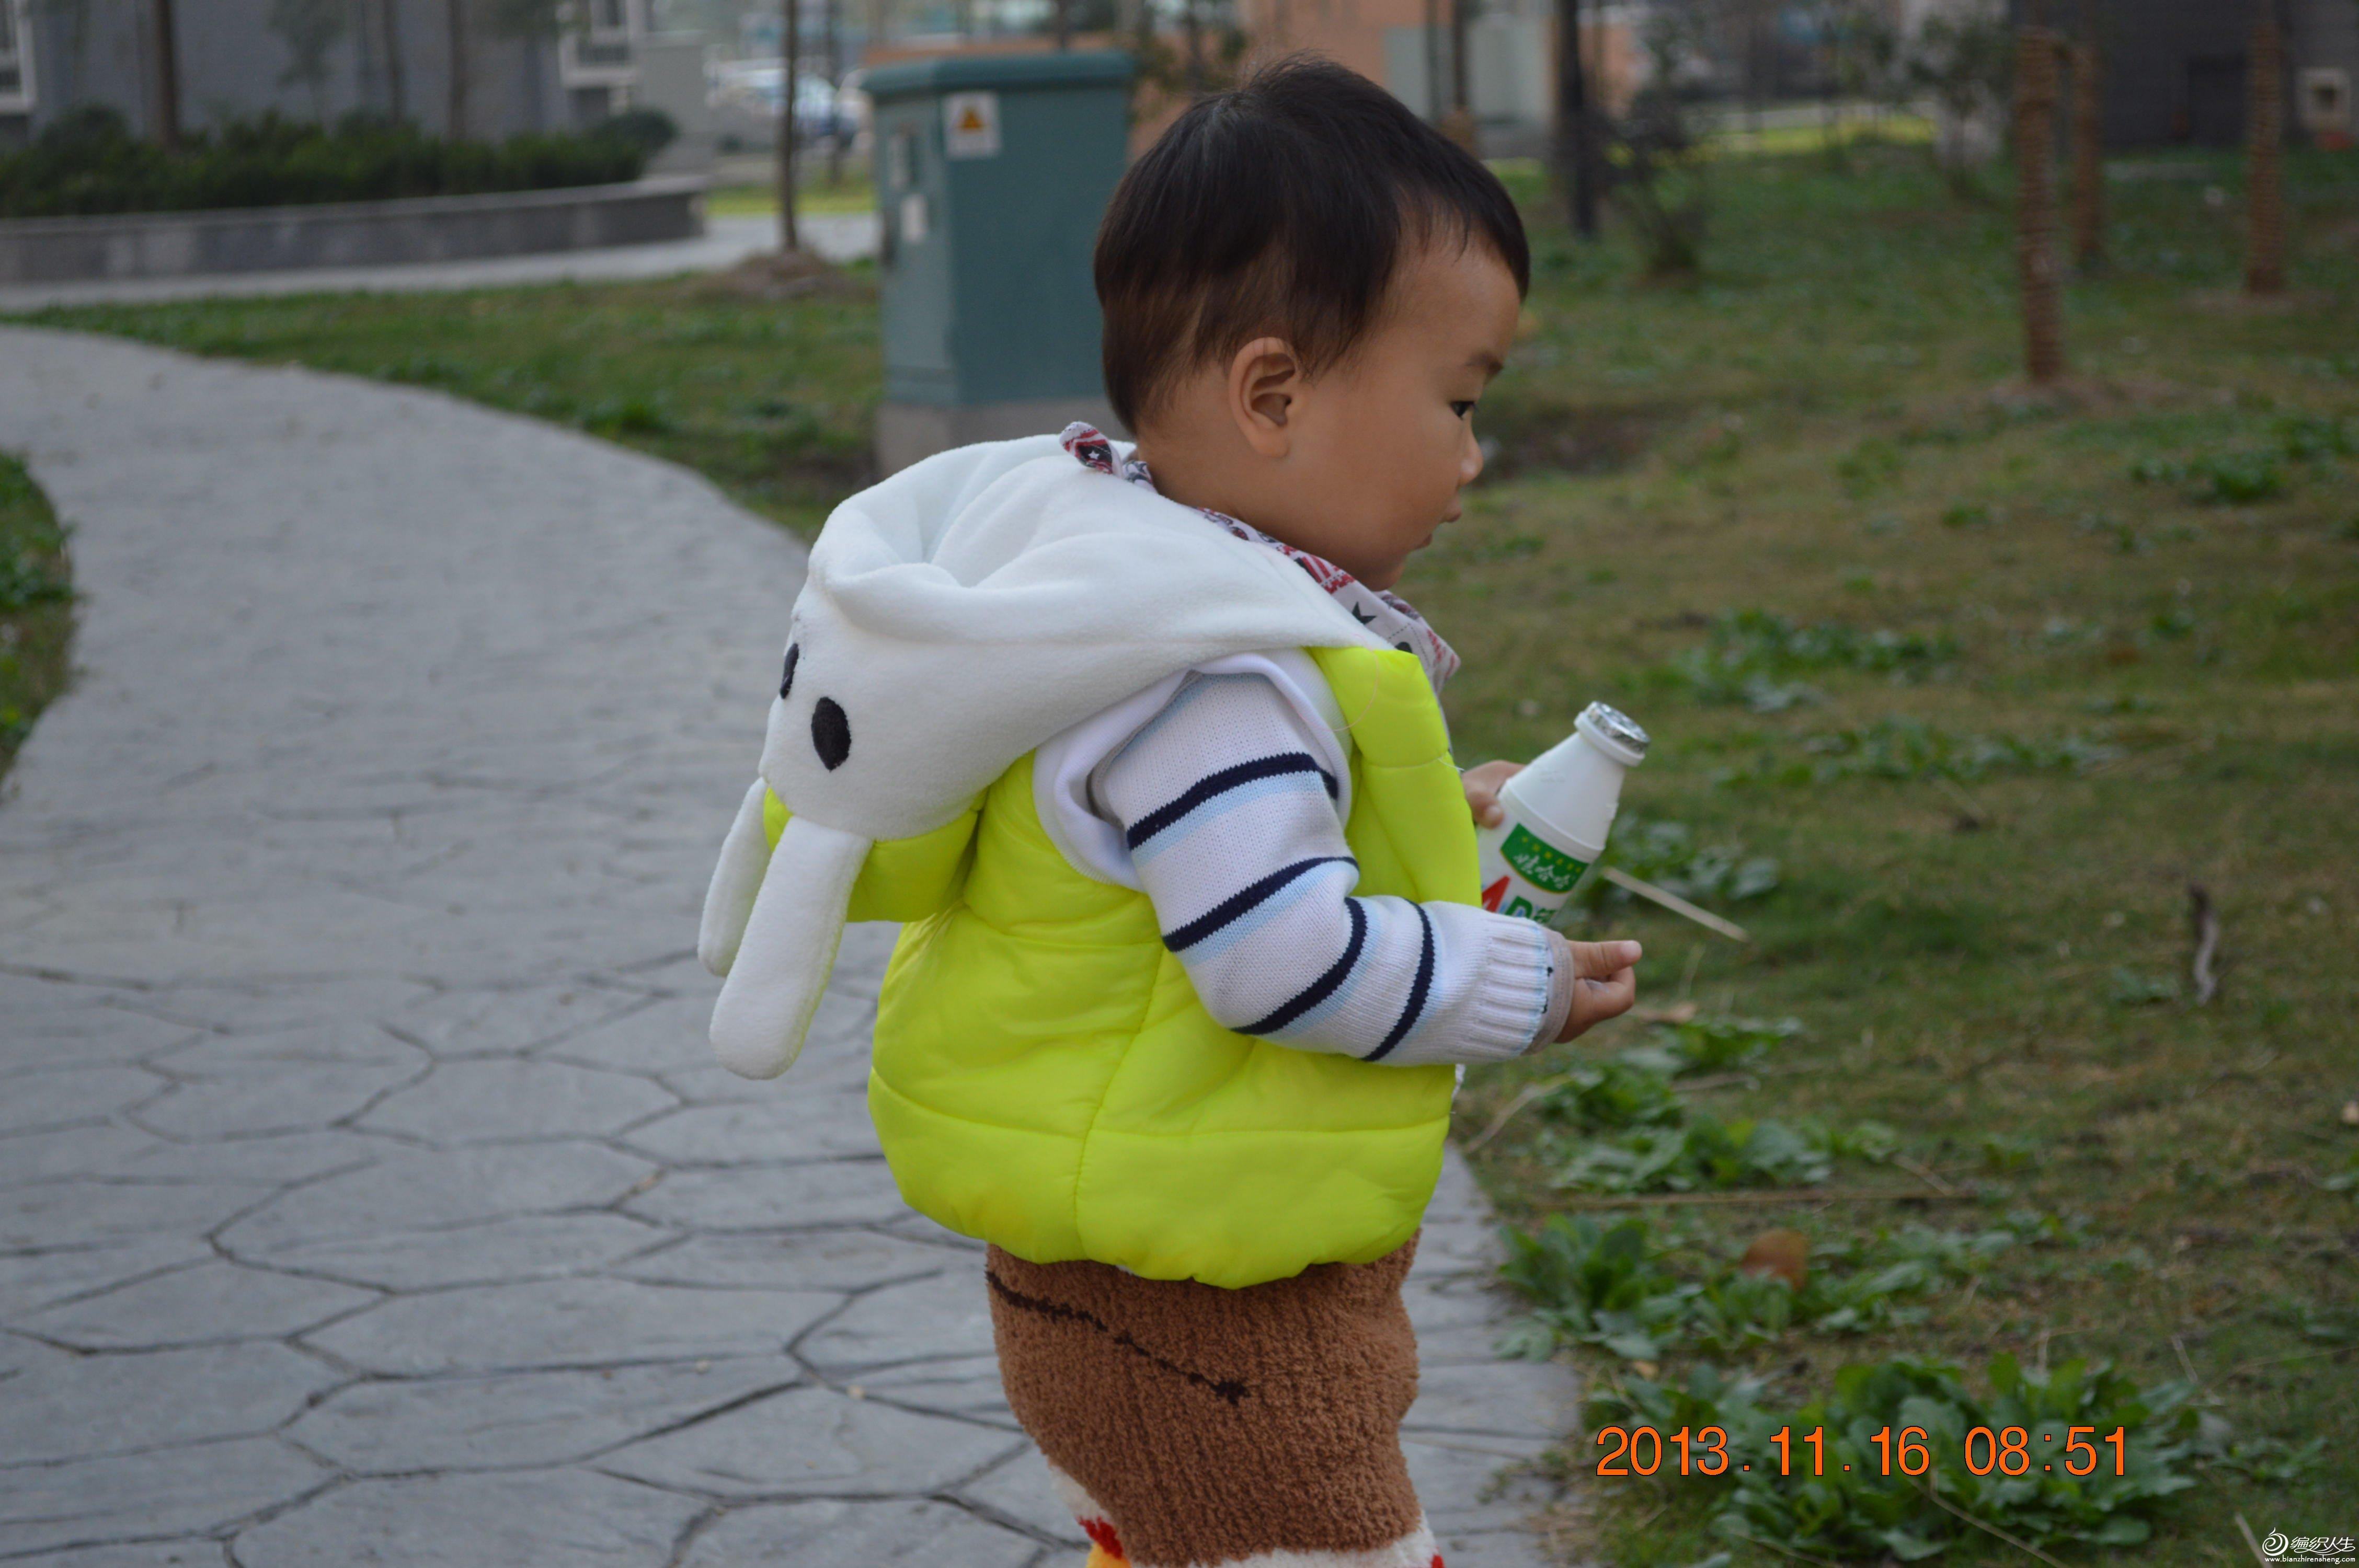 宝宝兔子丝棉马甲(附裁剪图)